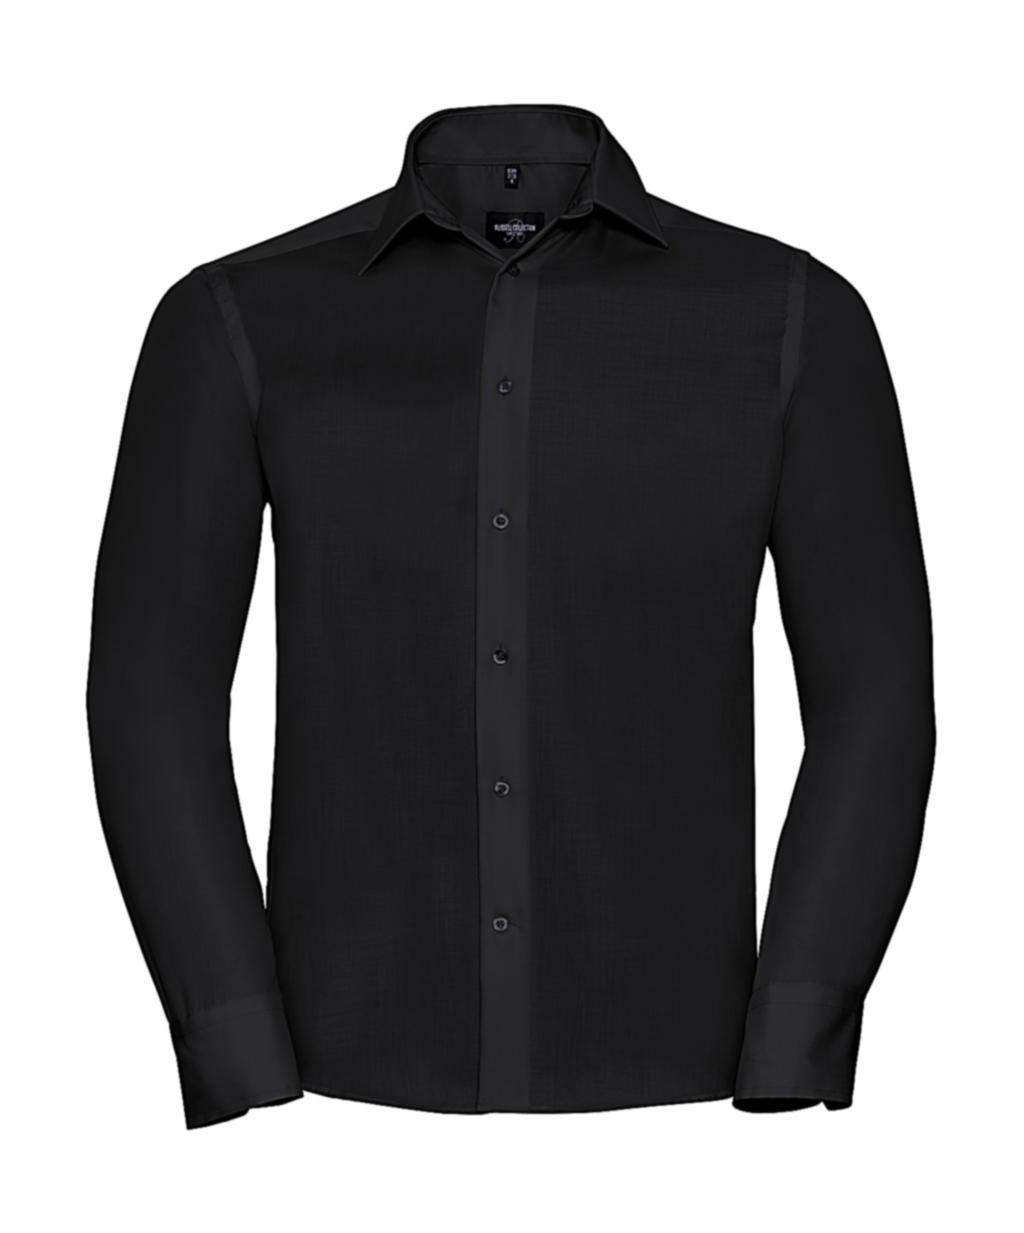 Vypasovaná košile Ultimate Non-iron s dlouhými ruk - zvìtšit obrázek